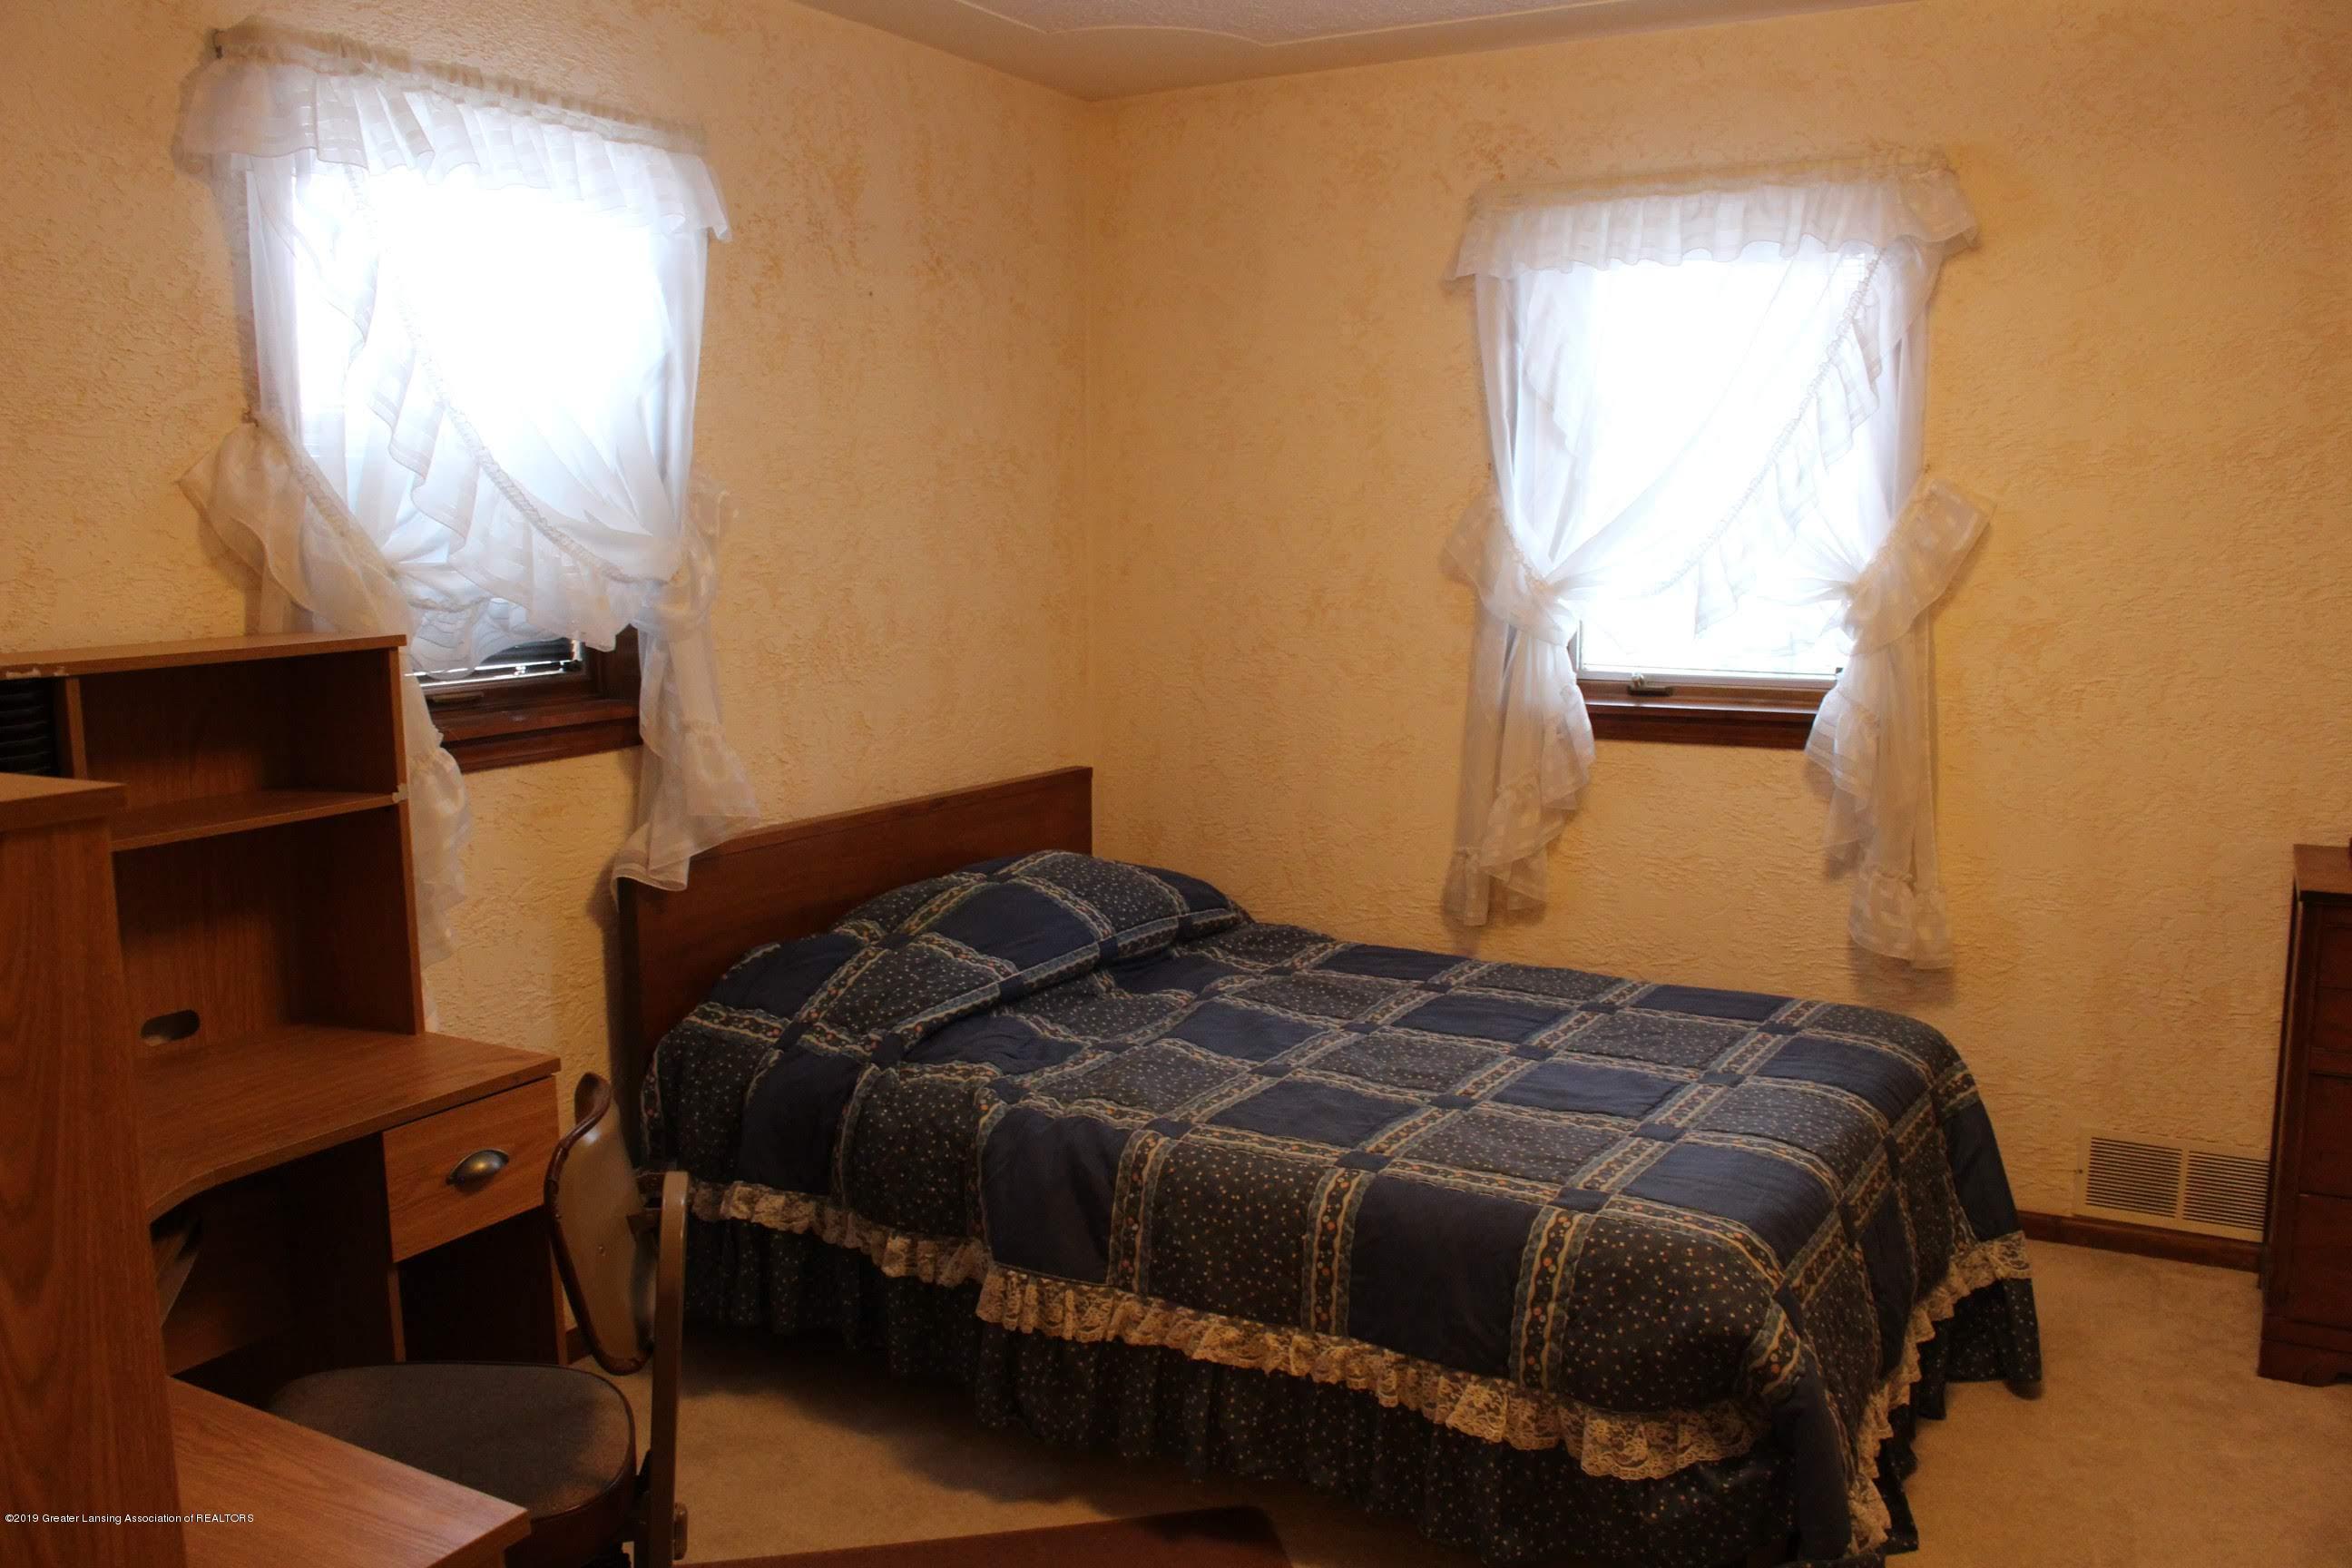 436 N Maple St - Bedroom - 14